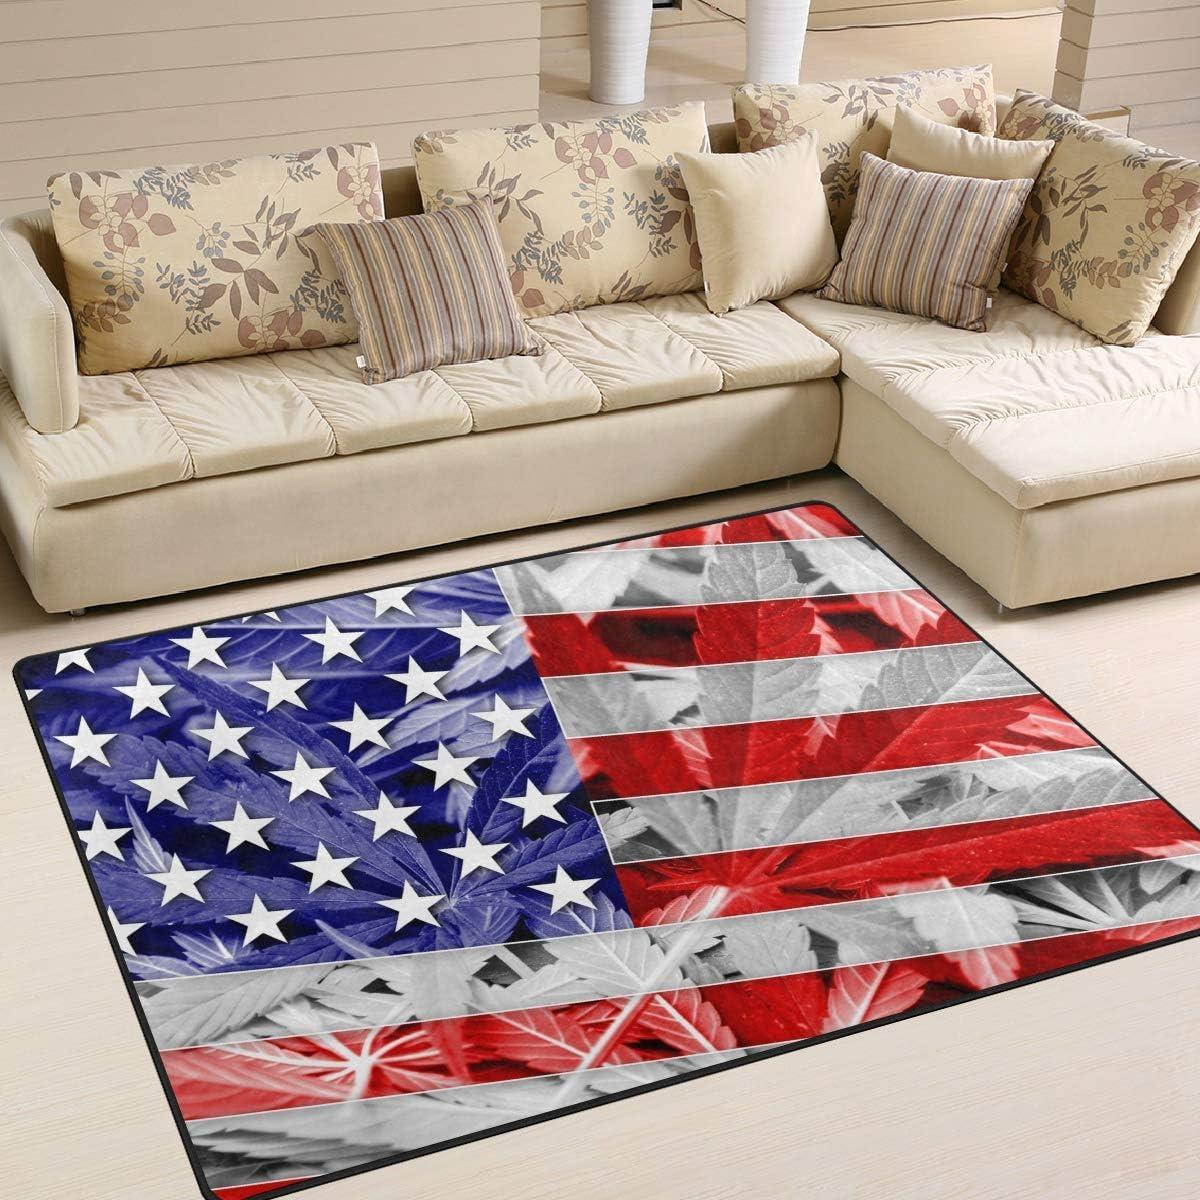 N/A Alfombra rectangular lavable con diseño de bandera de Estados Unidos en hoja de marihuana y cannabis, alfombra rectangular para dormitorio, sala de estar, 100 x 150 cm